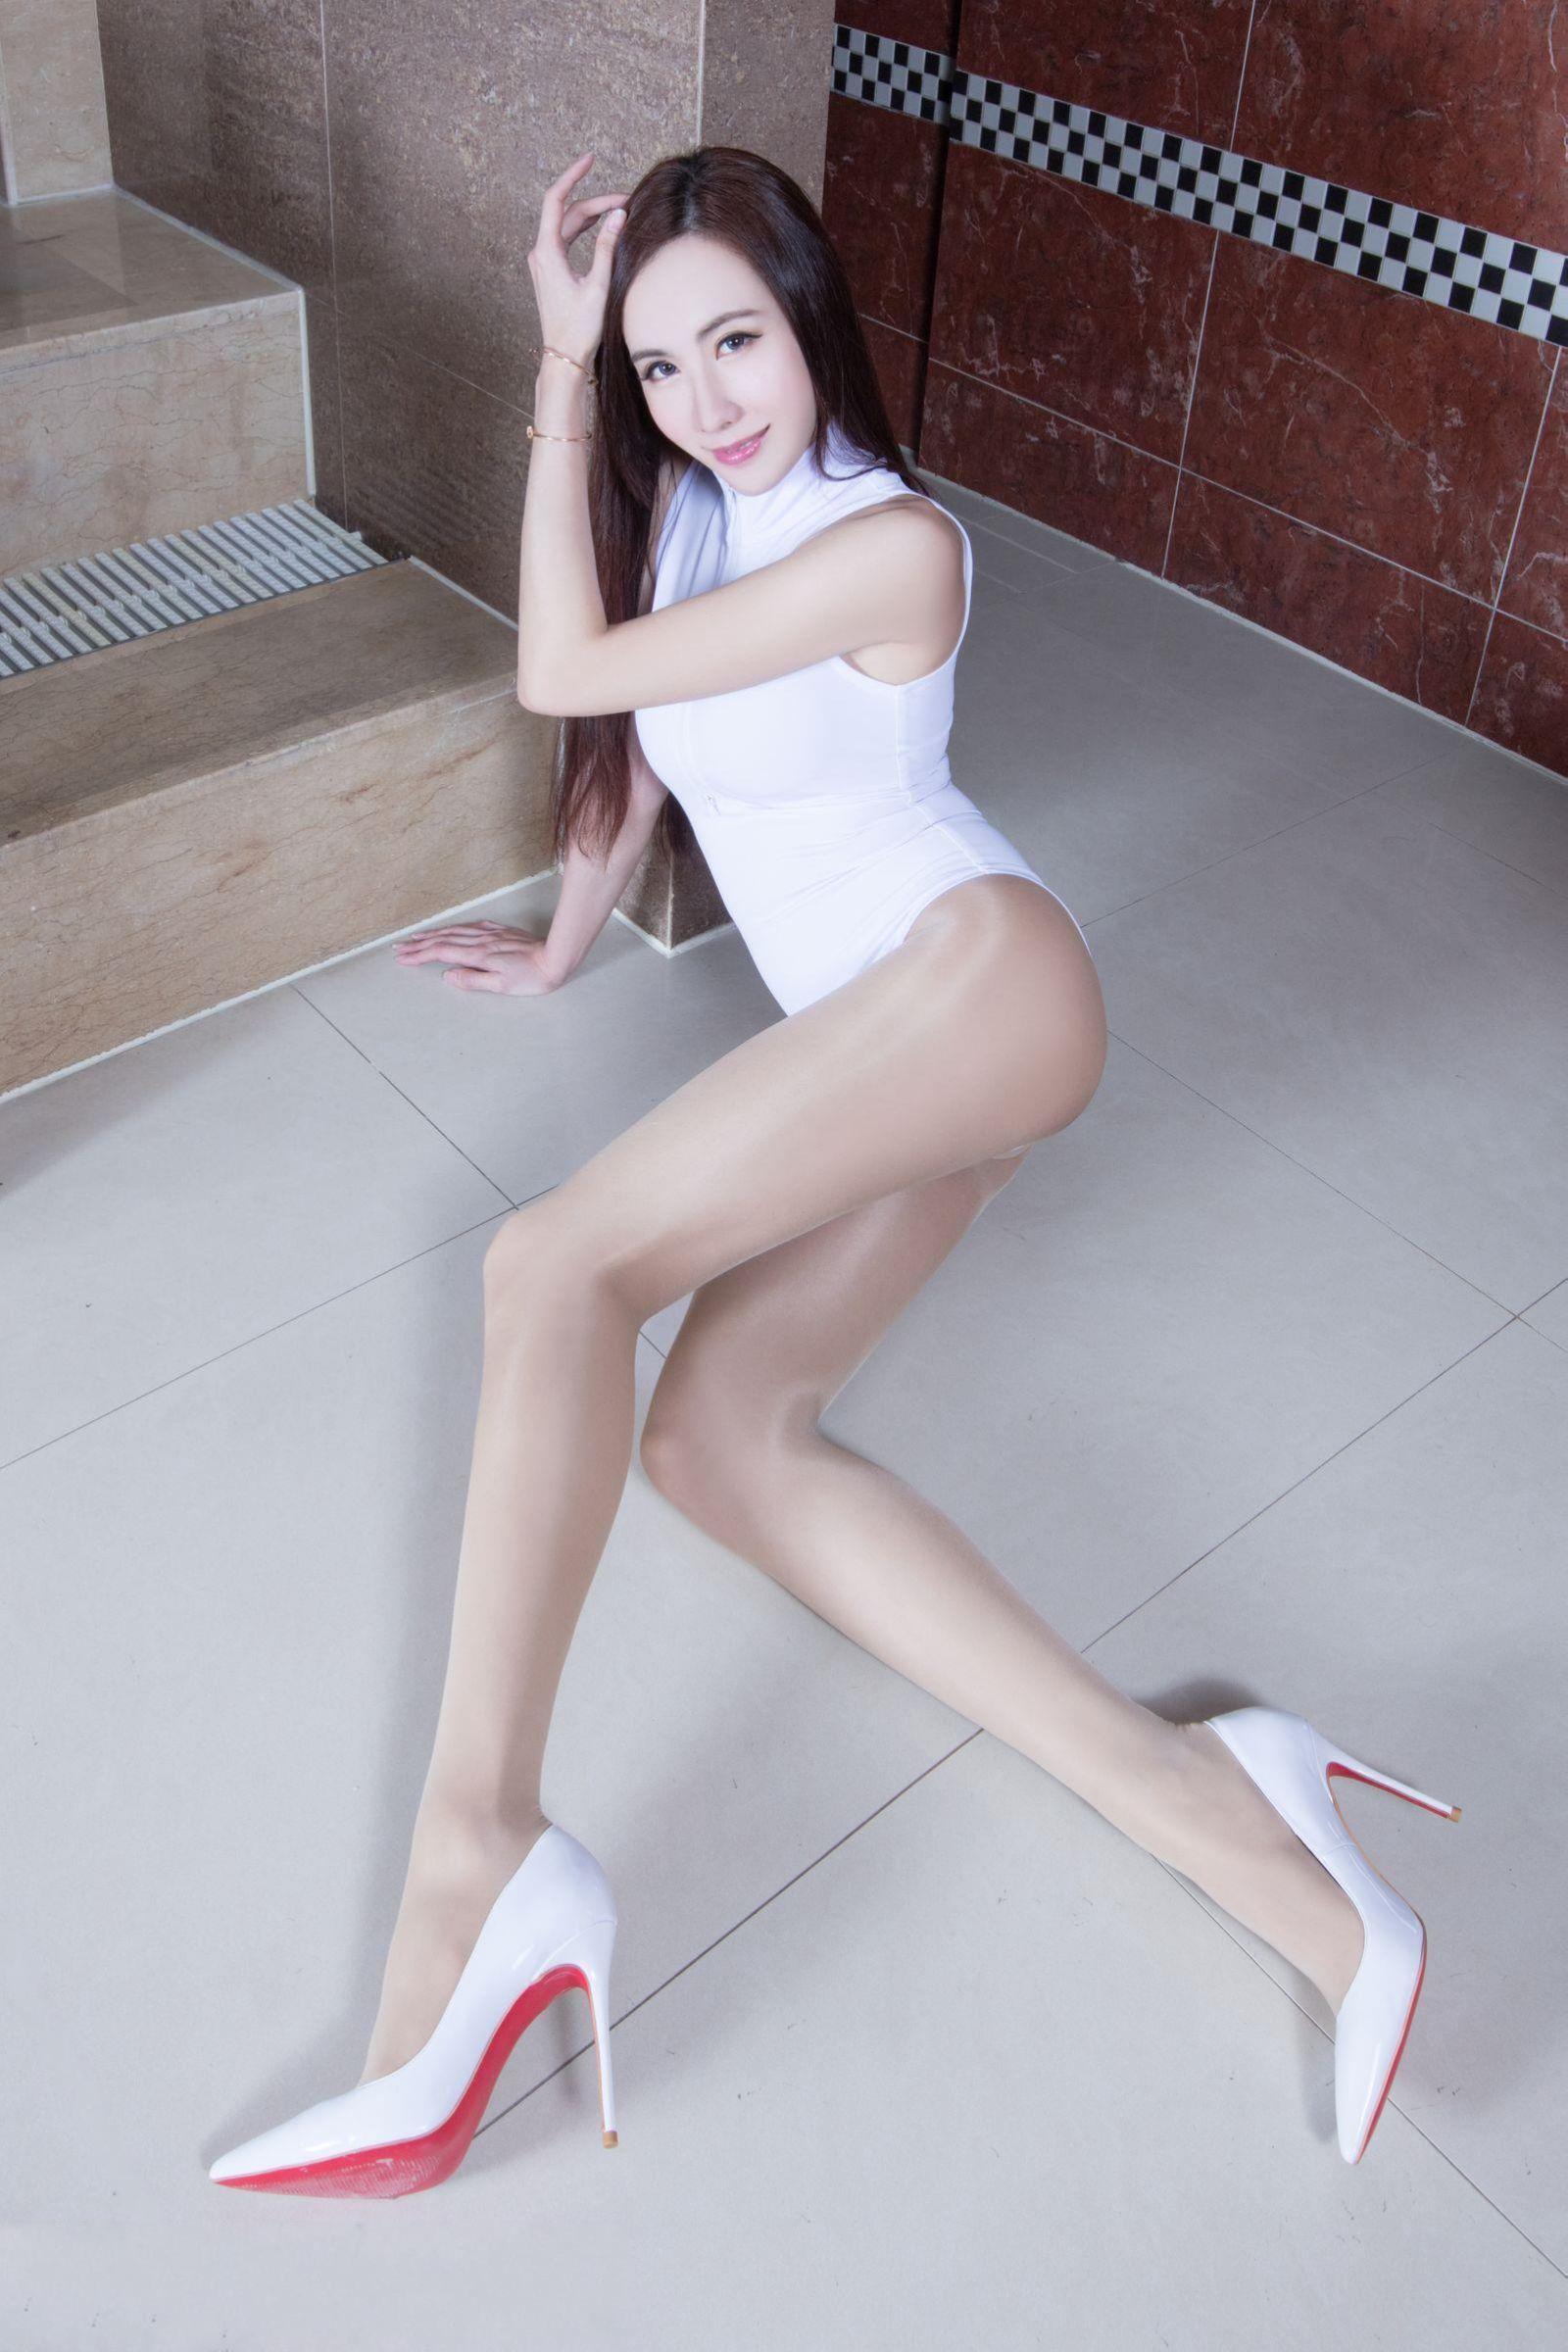 爱秀美腿秀Dora2 - 花開有聲 - 花開有聲